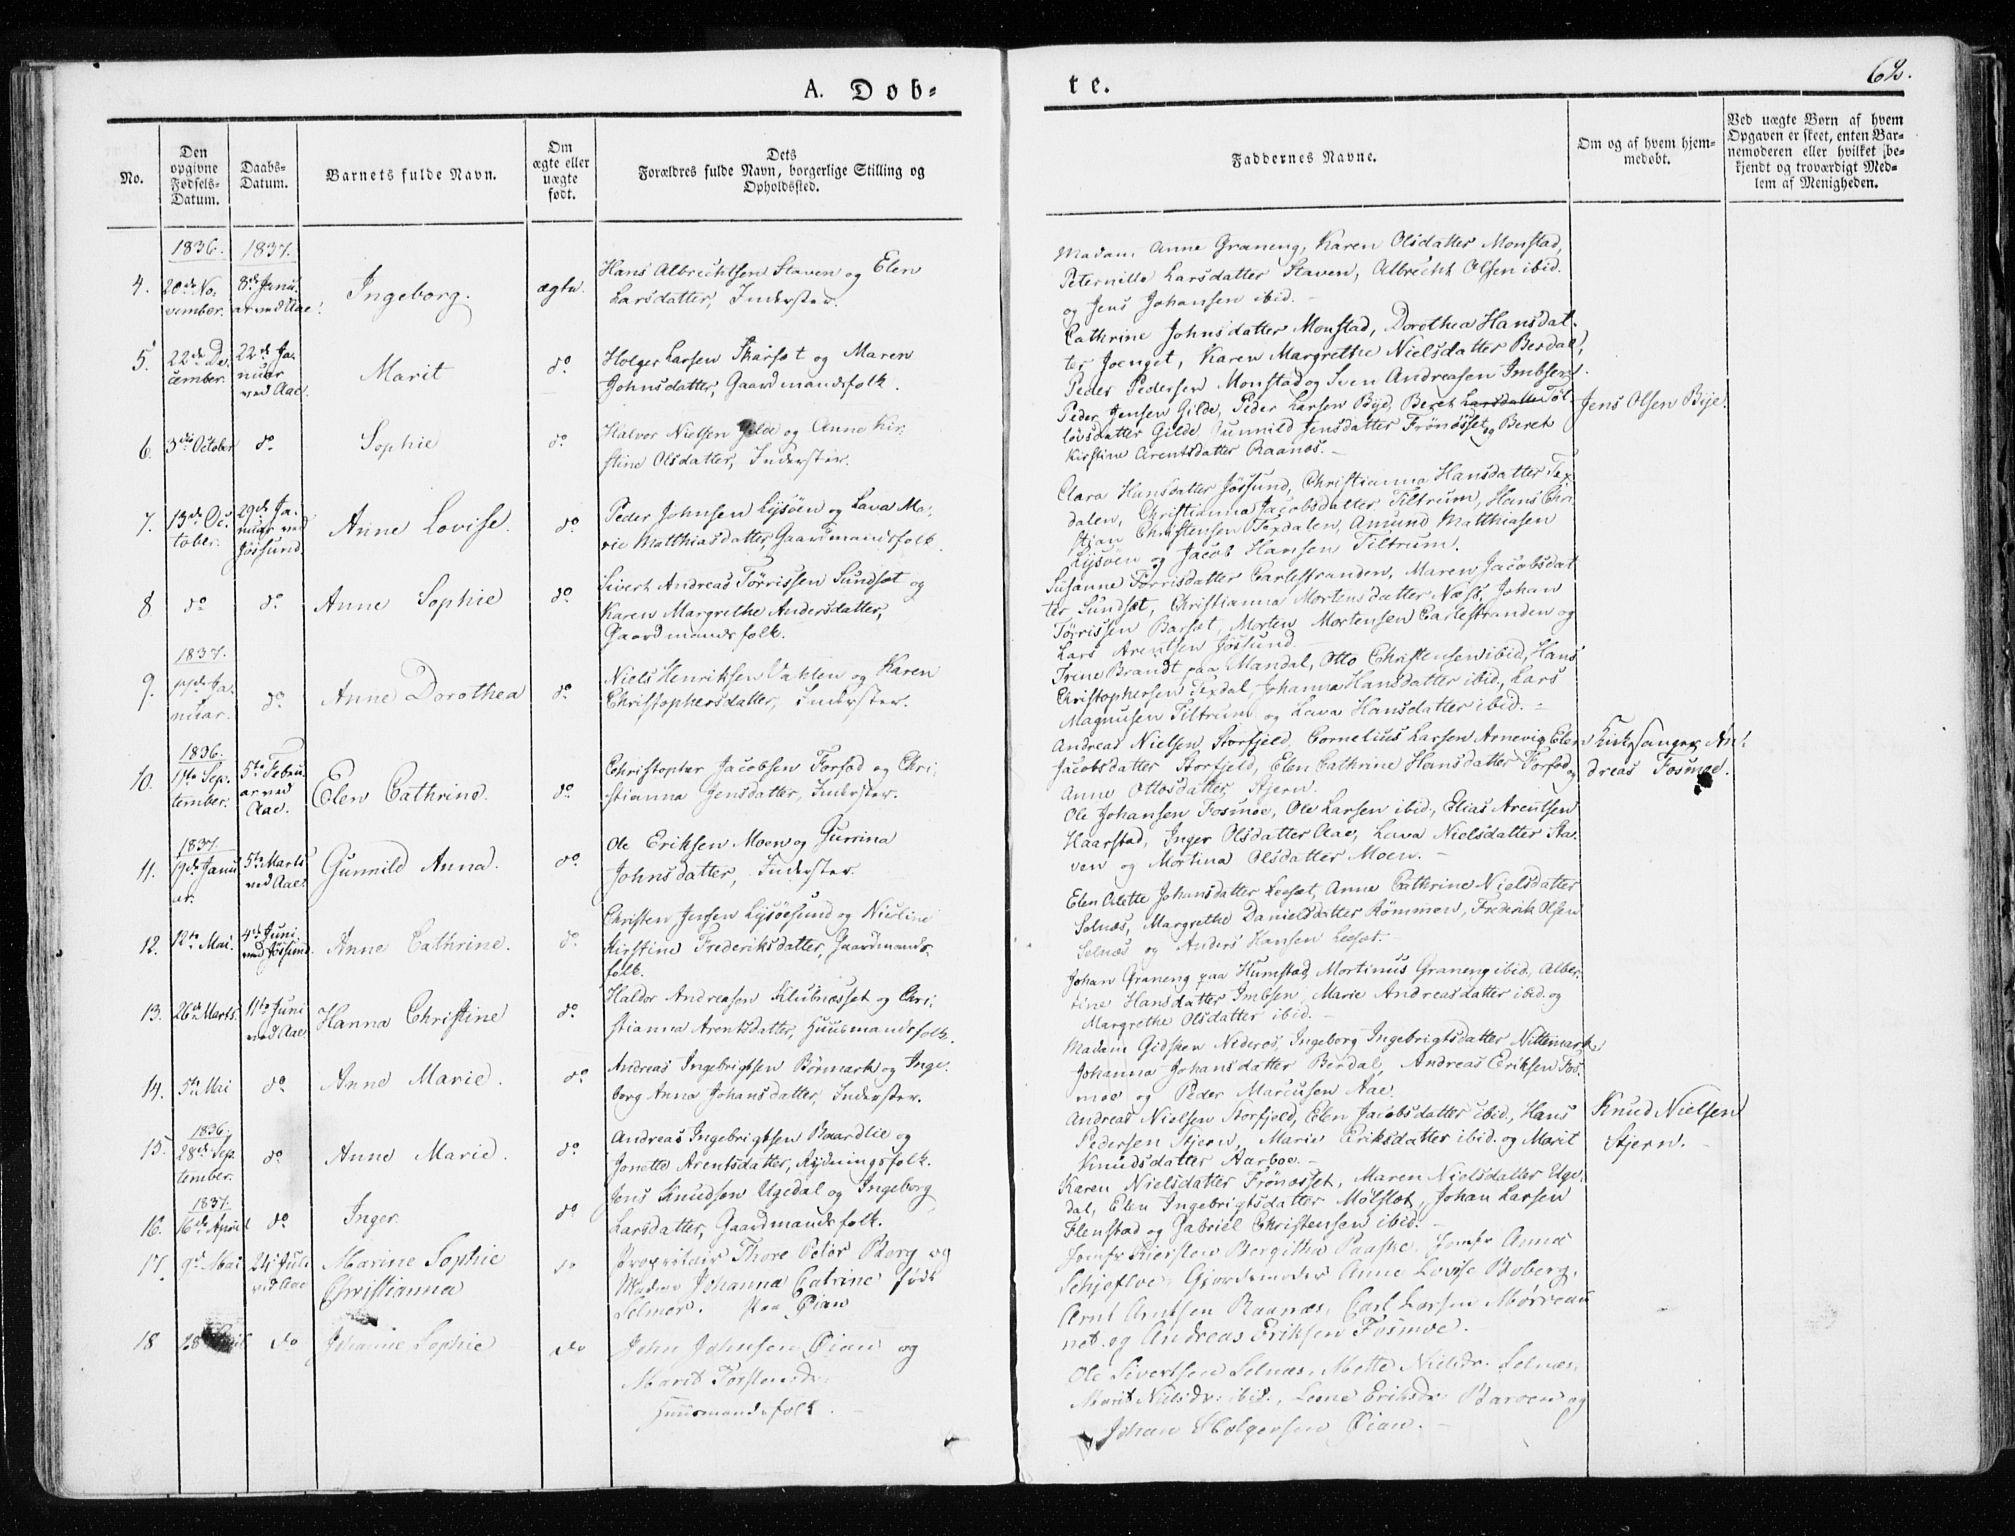 SAT, Ministerialprotokoller, klokkerbøker og fødselsregistre - Sør-Trøndelag, 655/L0676: Ministerialbok nr. 655A05, 1830-1847, s. 62